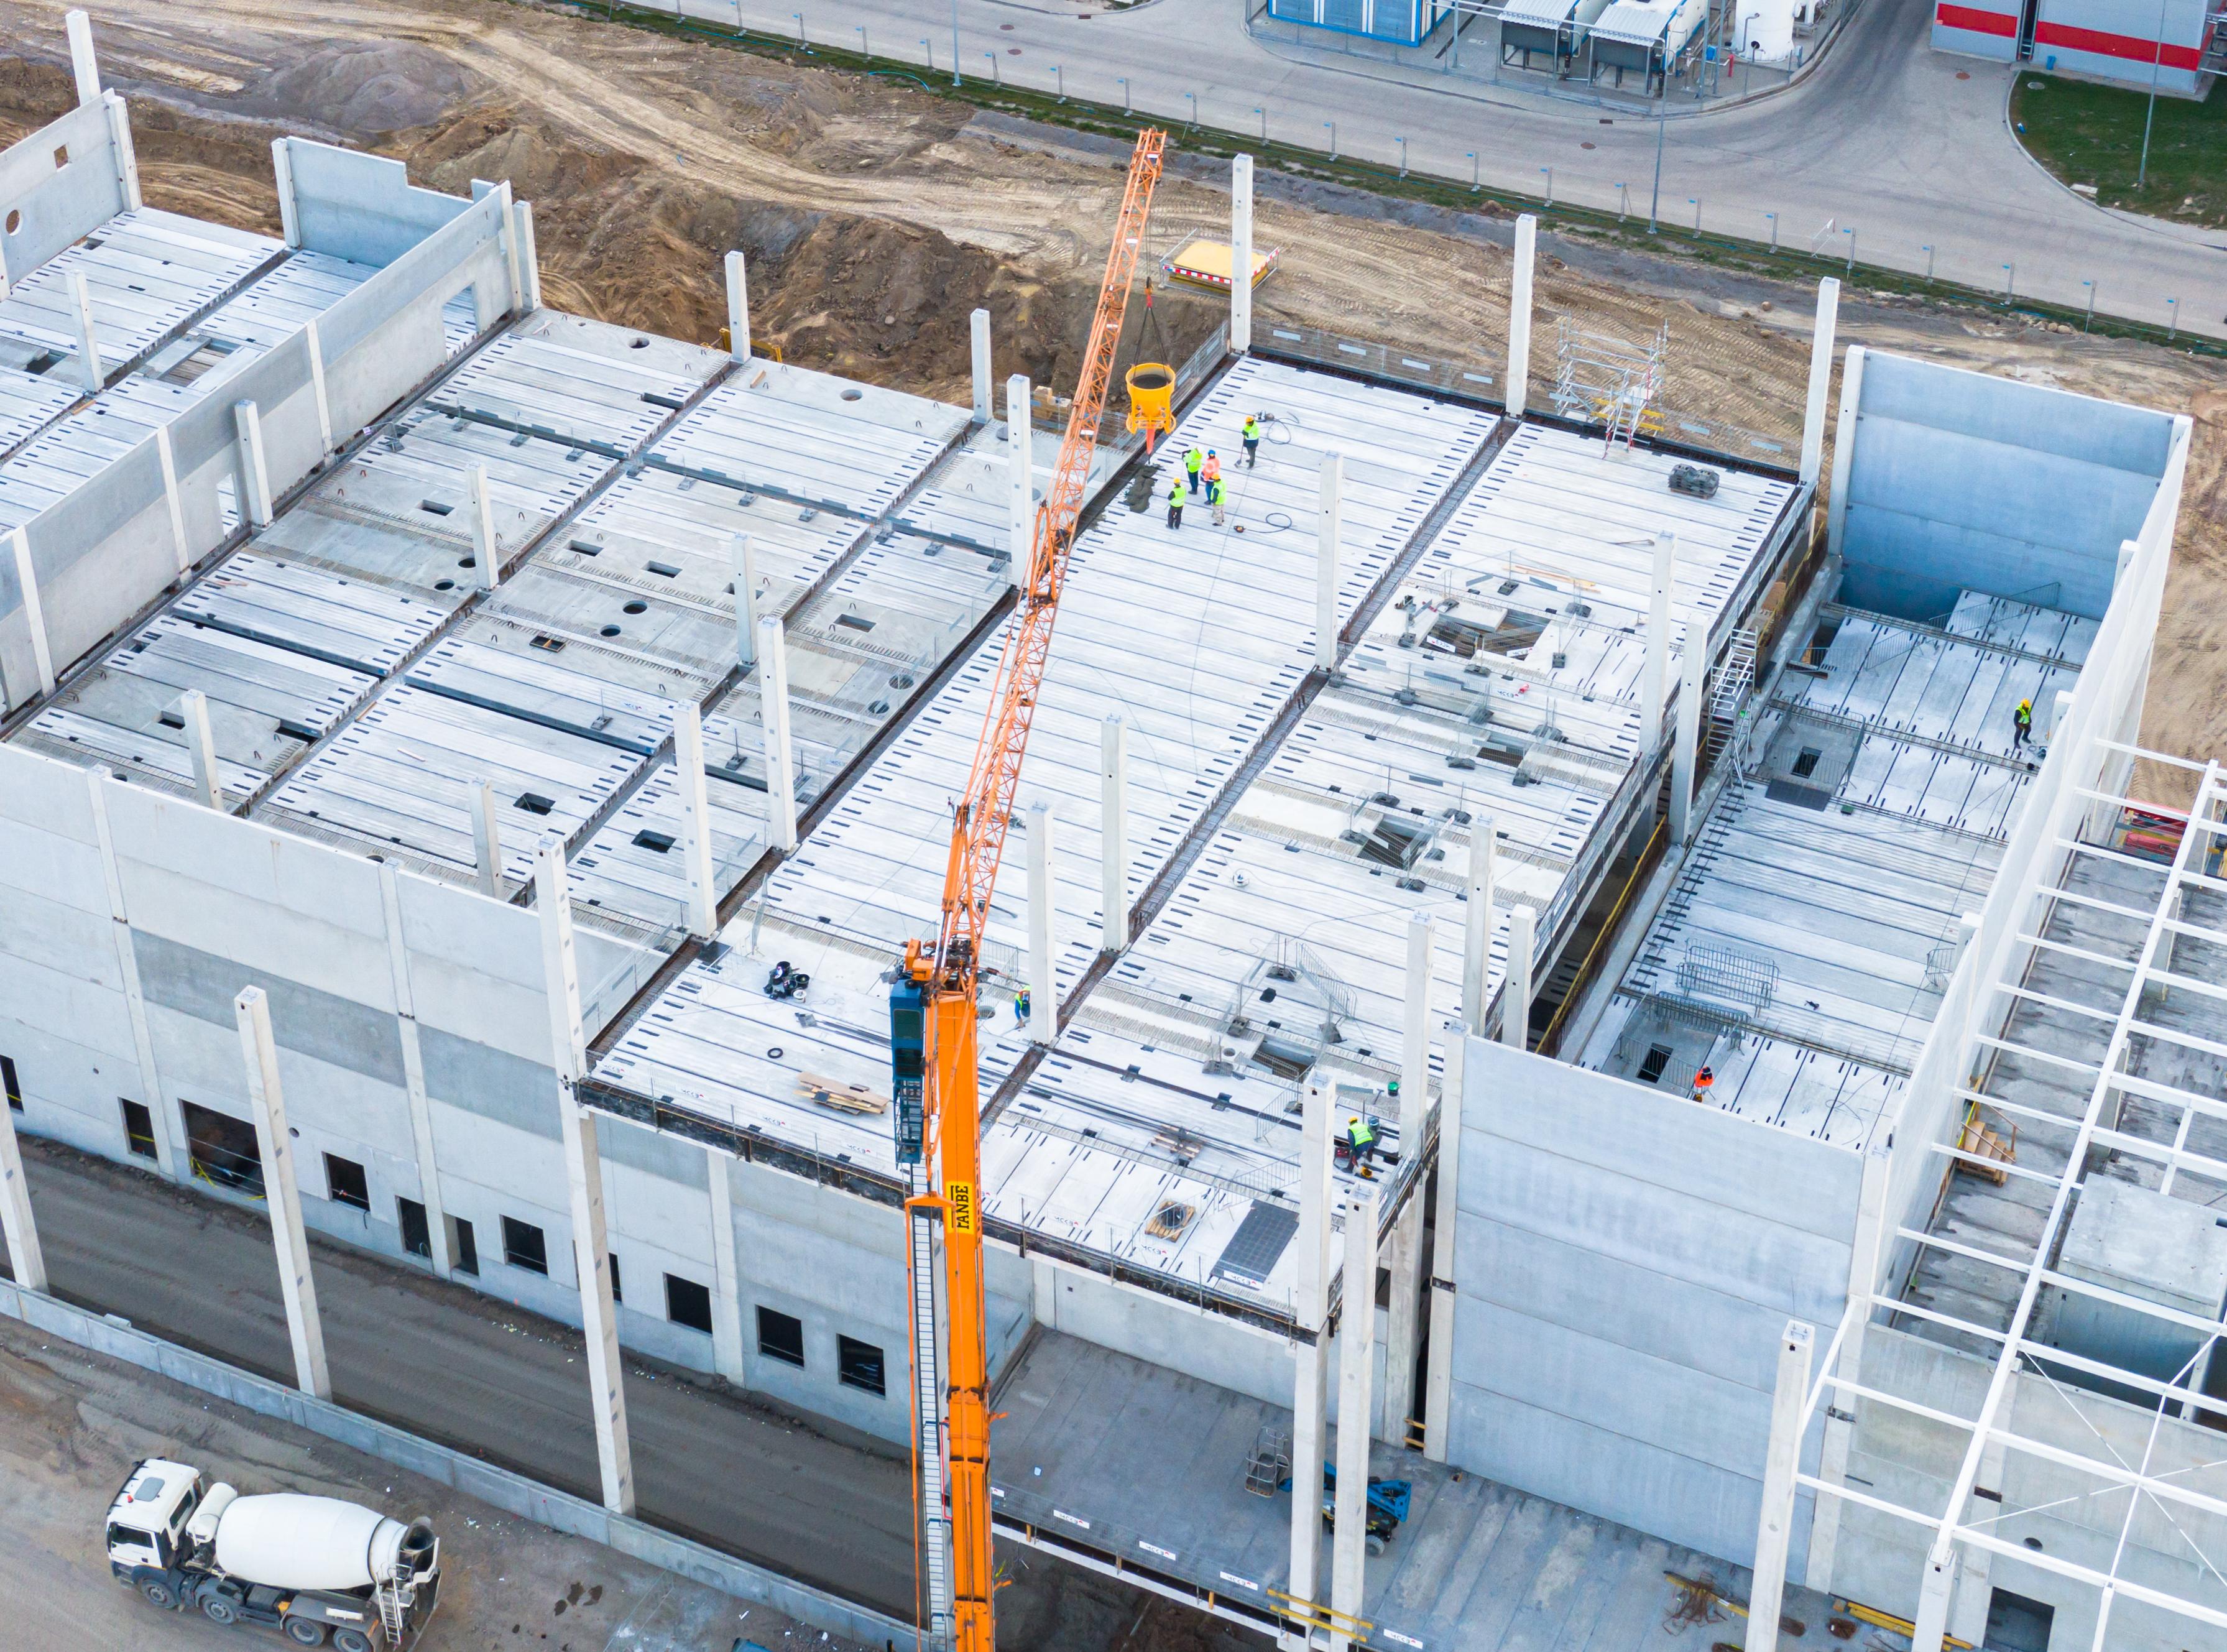 MCKB sp. z o. o. realizuje dla Uma Investments  sp. z o. o. przebudowę i rozbudowę budynku produkcyjno-magazynowego